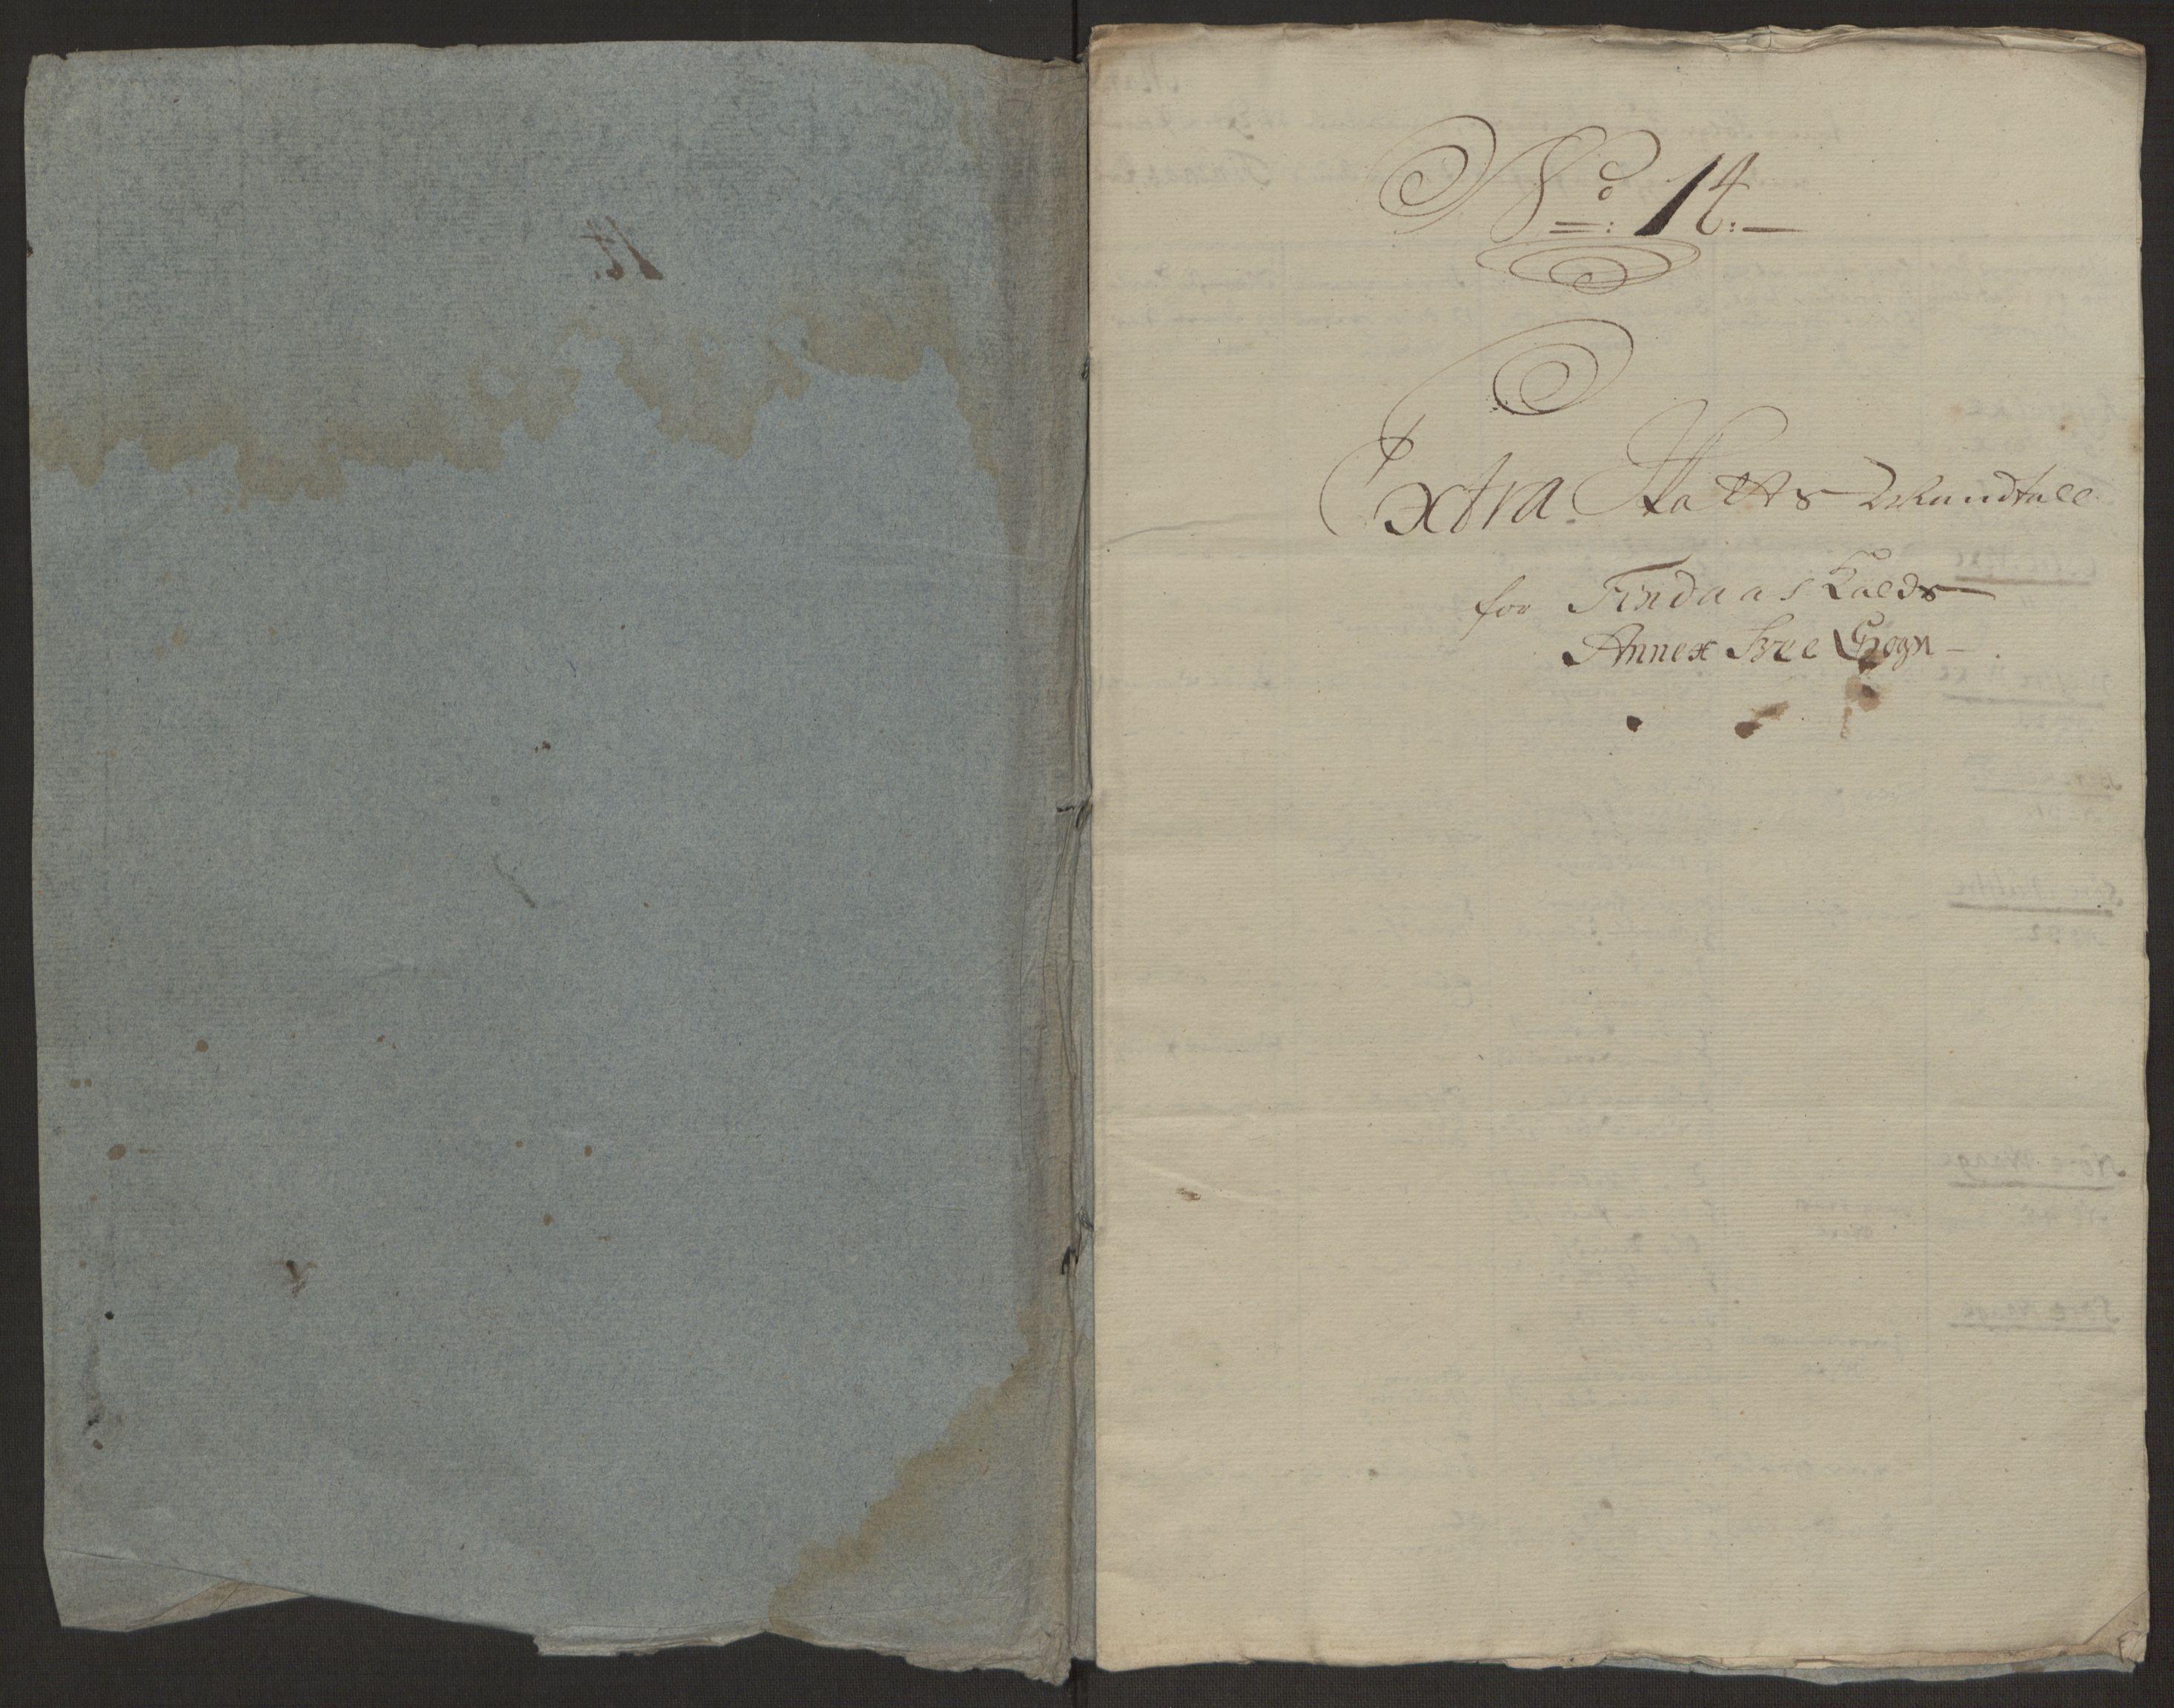 RA, Rentekammeret inntil 1814, Reviderte regnskaper, Hovedkasseregnskaper, Rf/L0072b: Ekstraskatteregnskap, 1762, s. 698